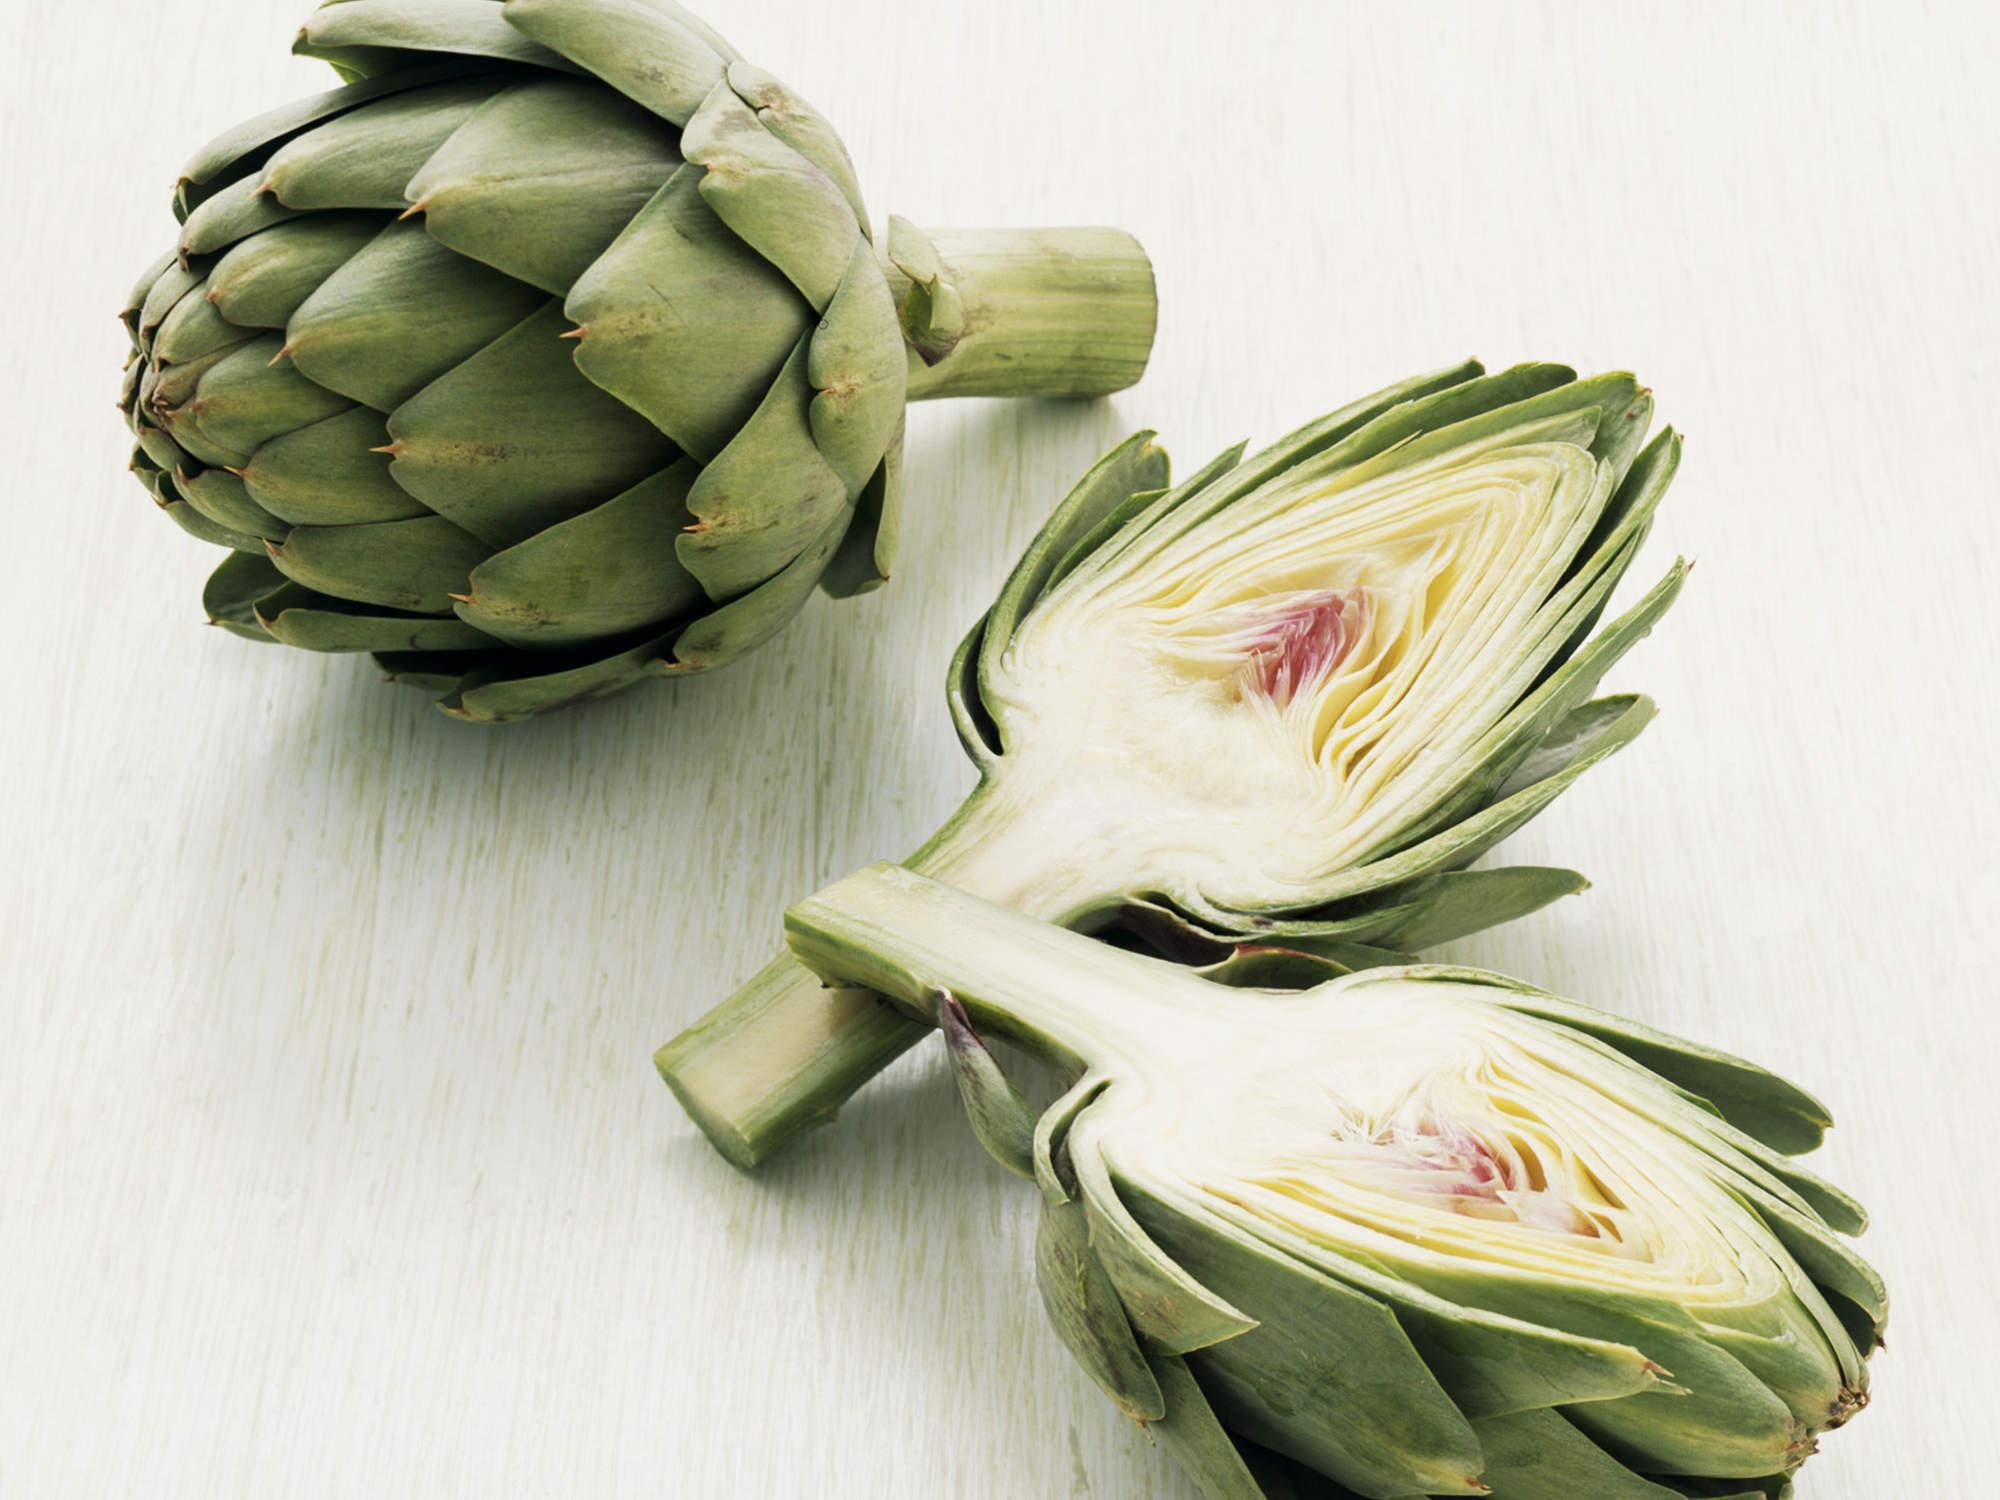 Что такое артишоки? их польза и вред для здоровья   . как готовить артишоки? рецепты с артишоками – рацион.топ